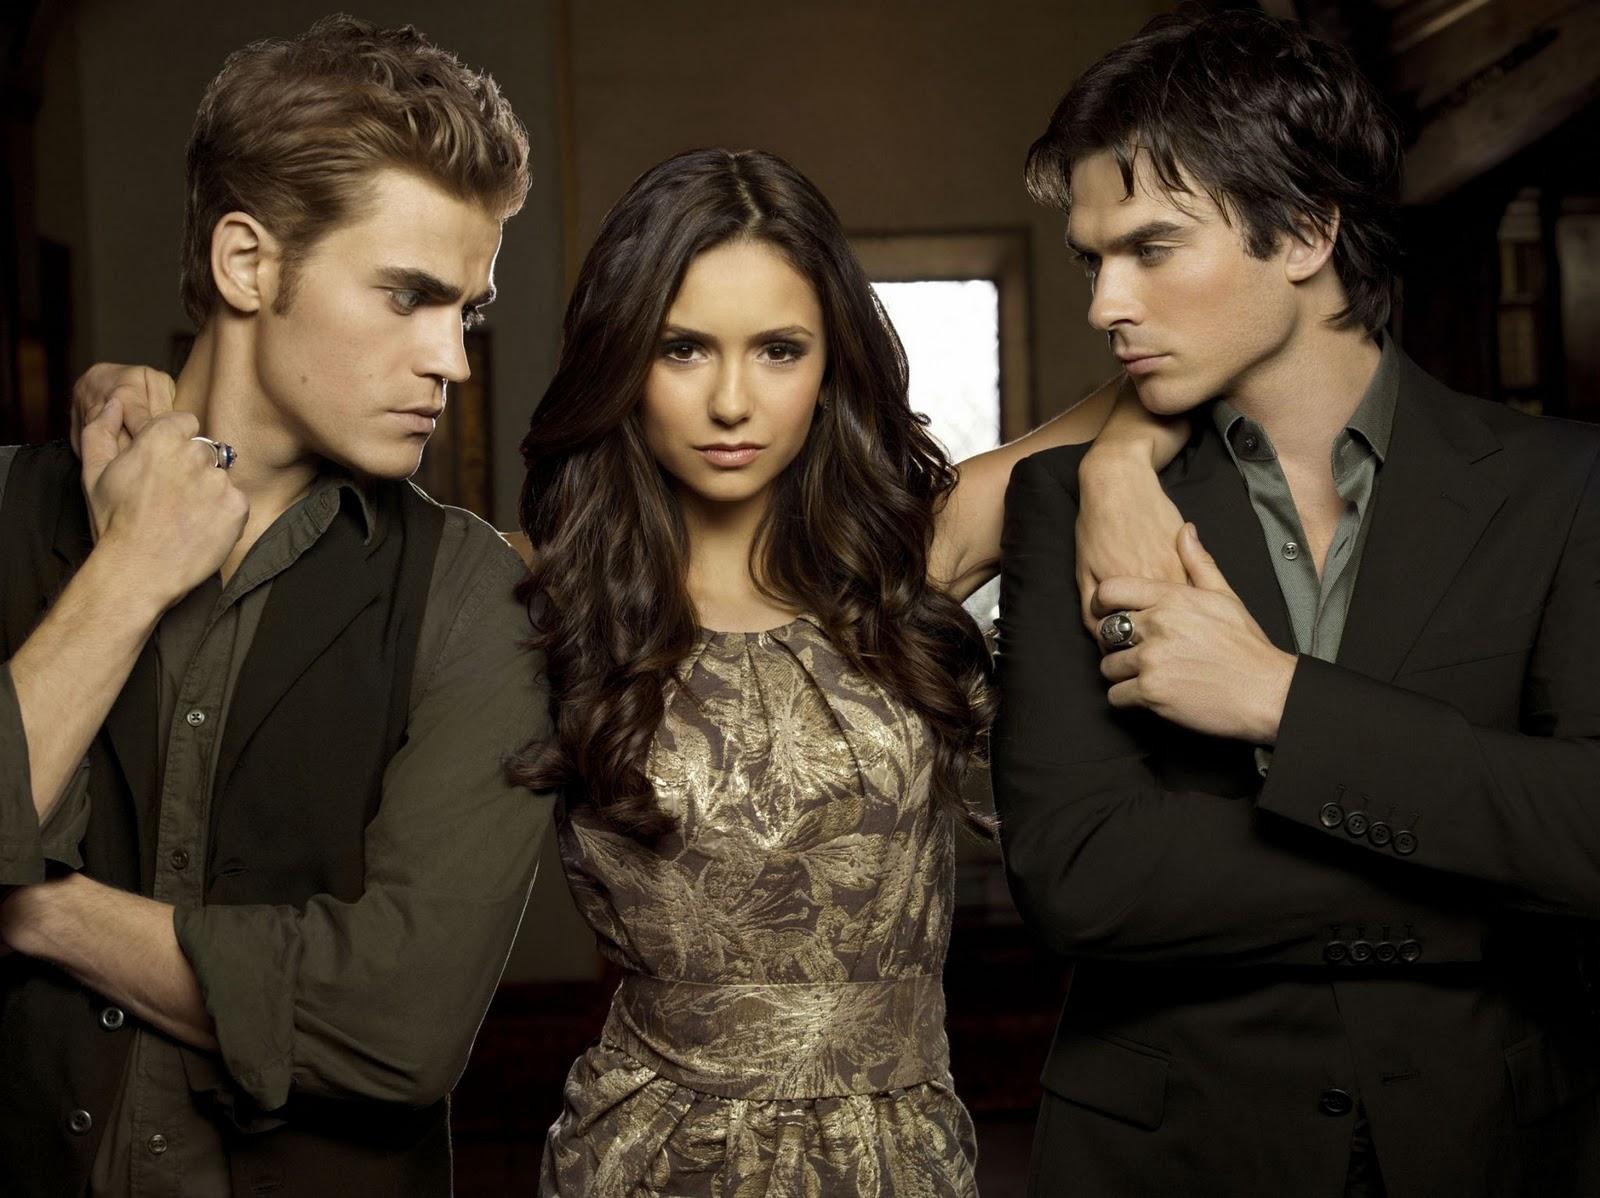 http://4.bp.blogspot.com/_bmqN67chYt0/TUAarYU2GiI/AAAAAAAAAGg/Qi38VrBVg-E/s1600/The-Vampire-Diaries-the-vampire-diaries-tv-show-15082464-2048-1534.jpg